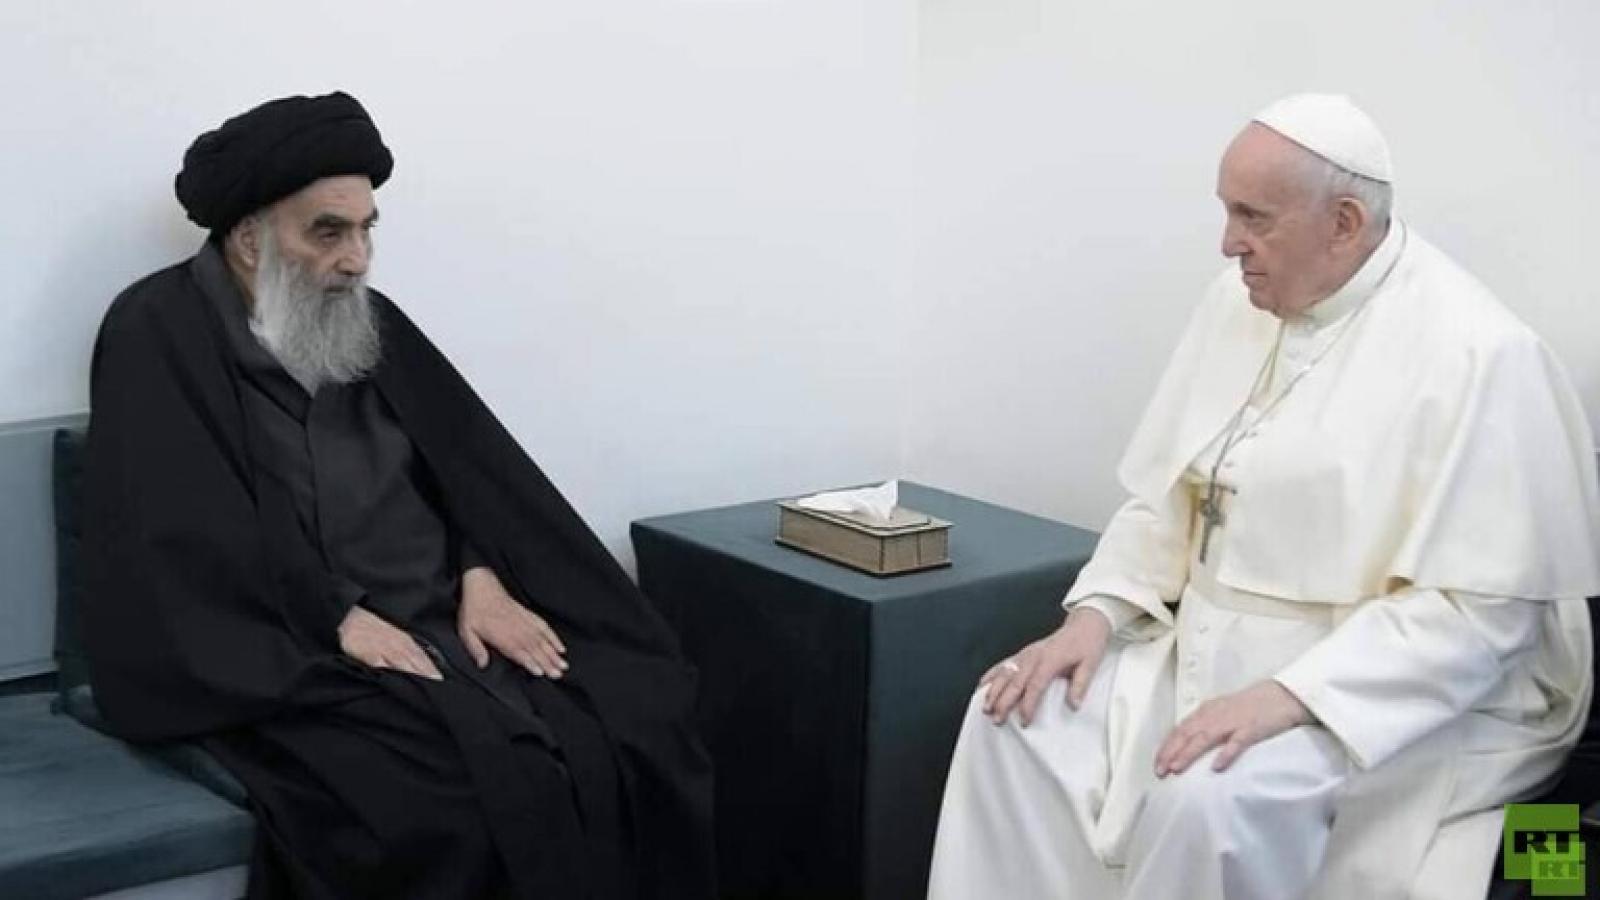 Đức Giáo hoàng tới Iraq thúc đẩy hòa bình giữa các tôn giáo